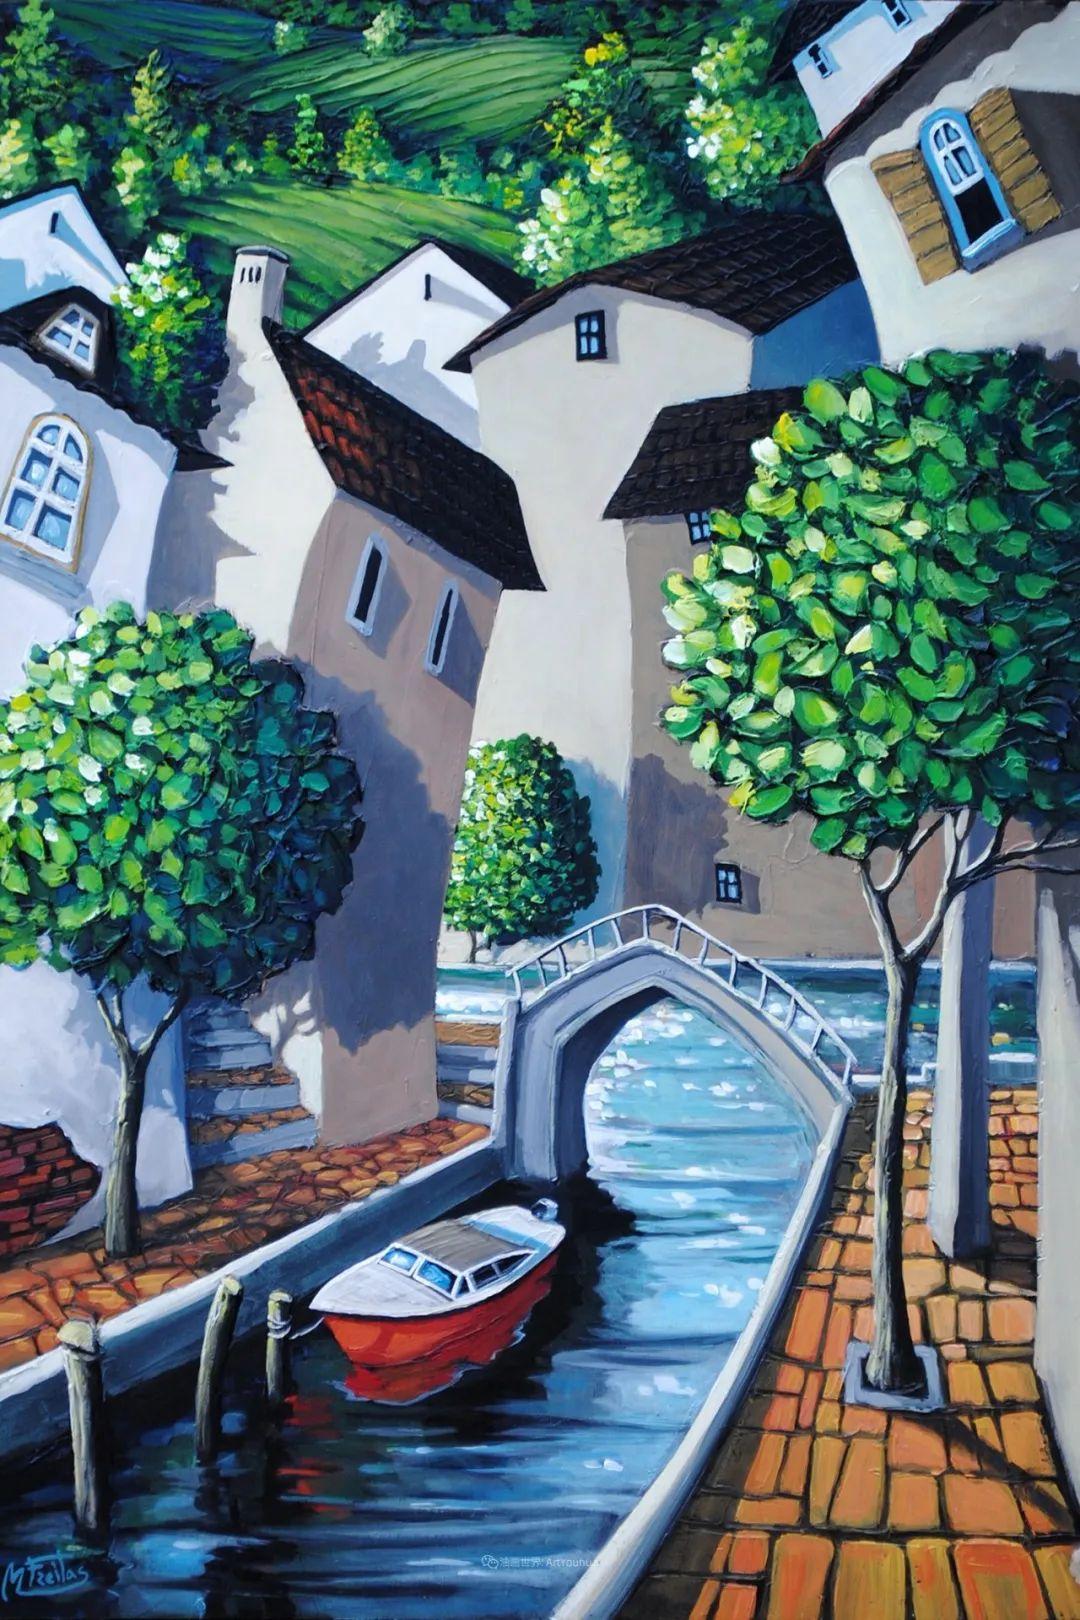 独特的风格,鲜艳的色彩!葡萄牙画家米格尔·弗雷塔斯插图33